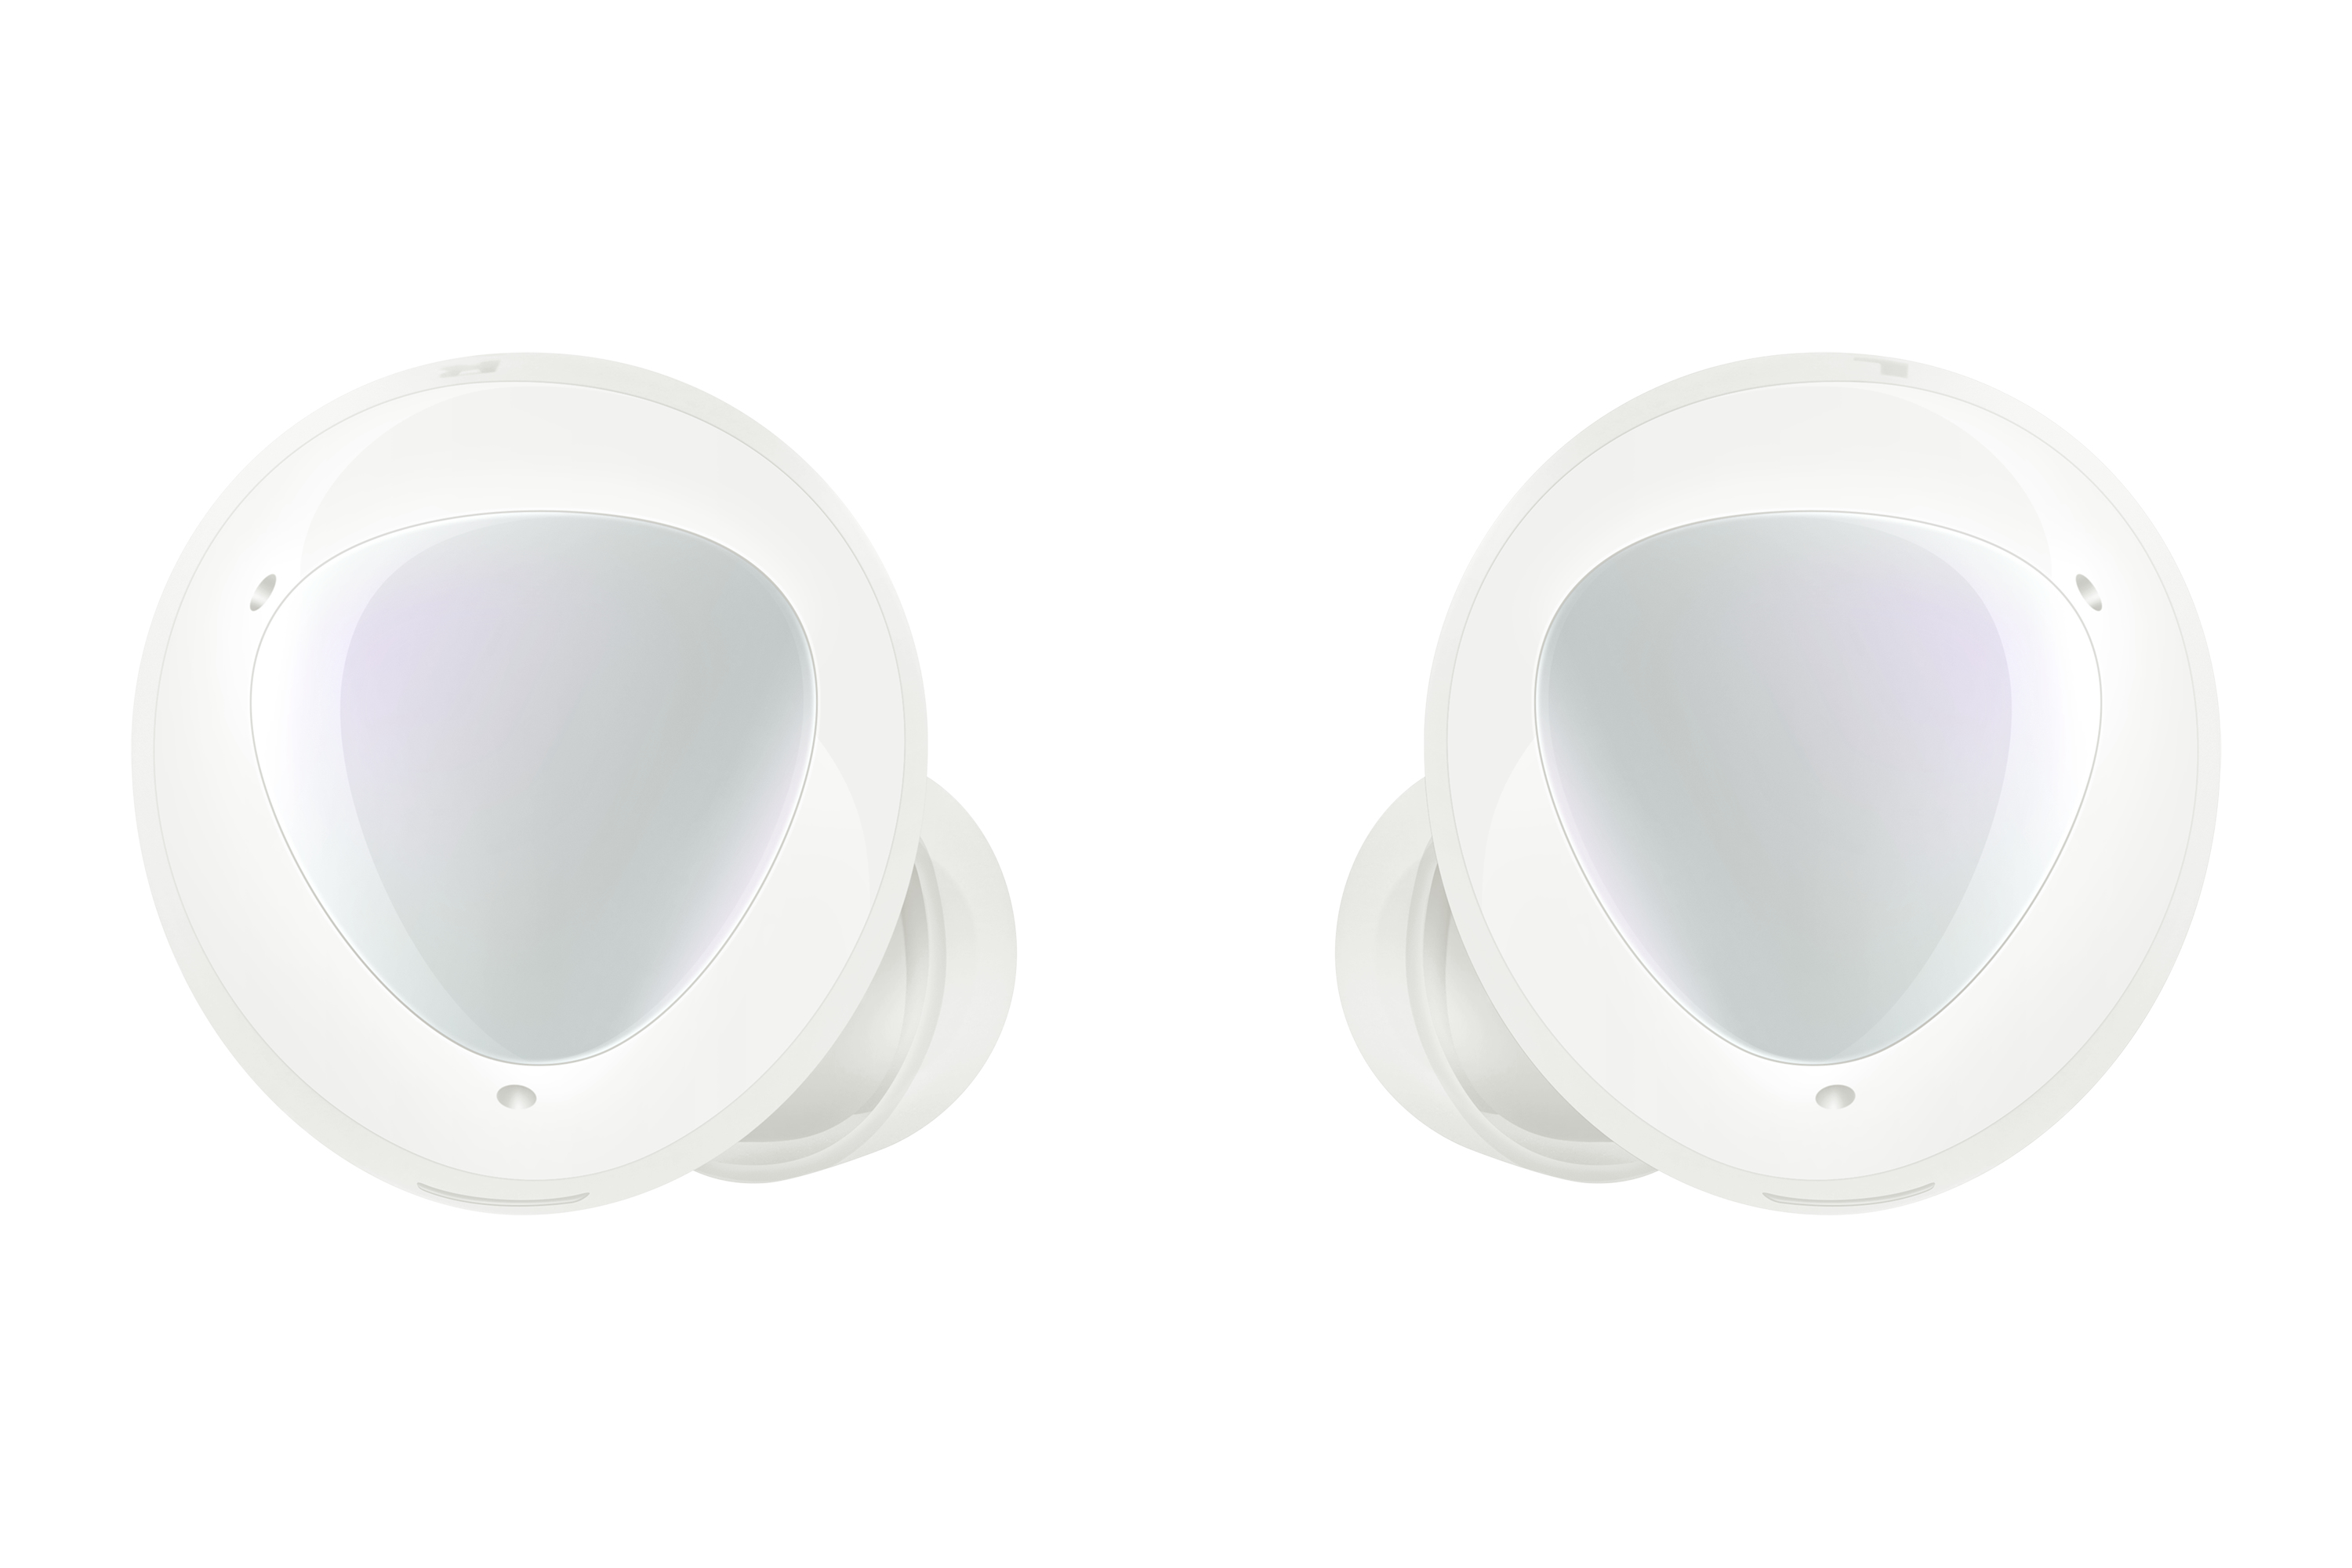 Samsung - Galaxy Buds + White